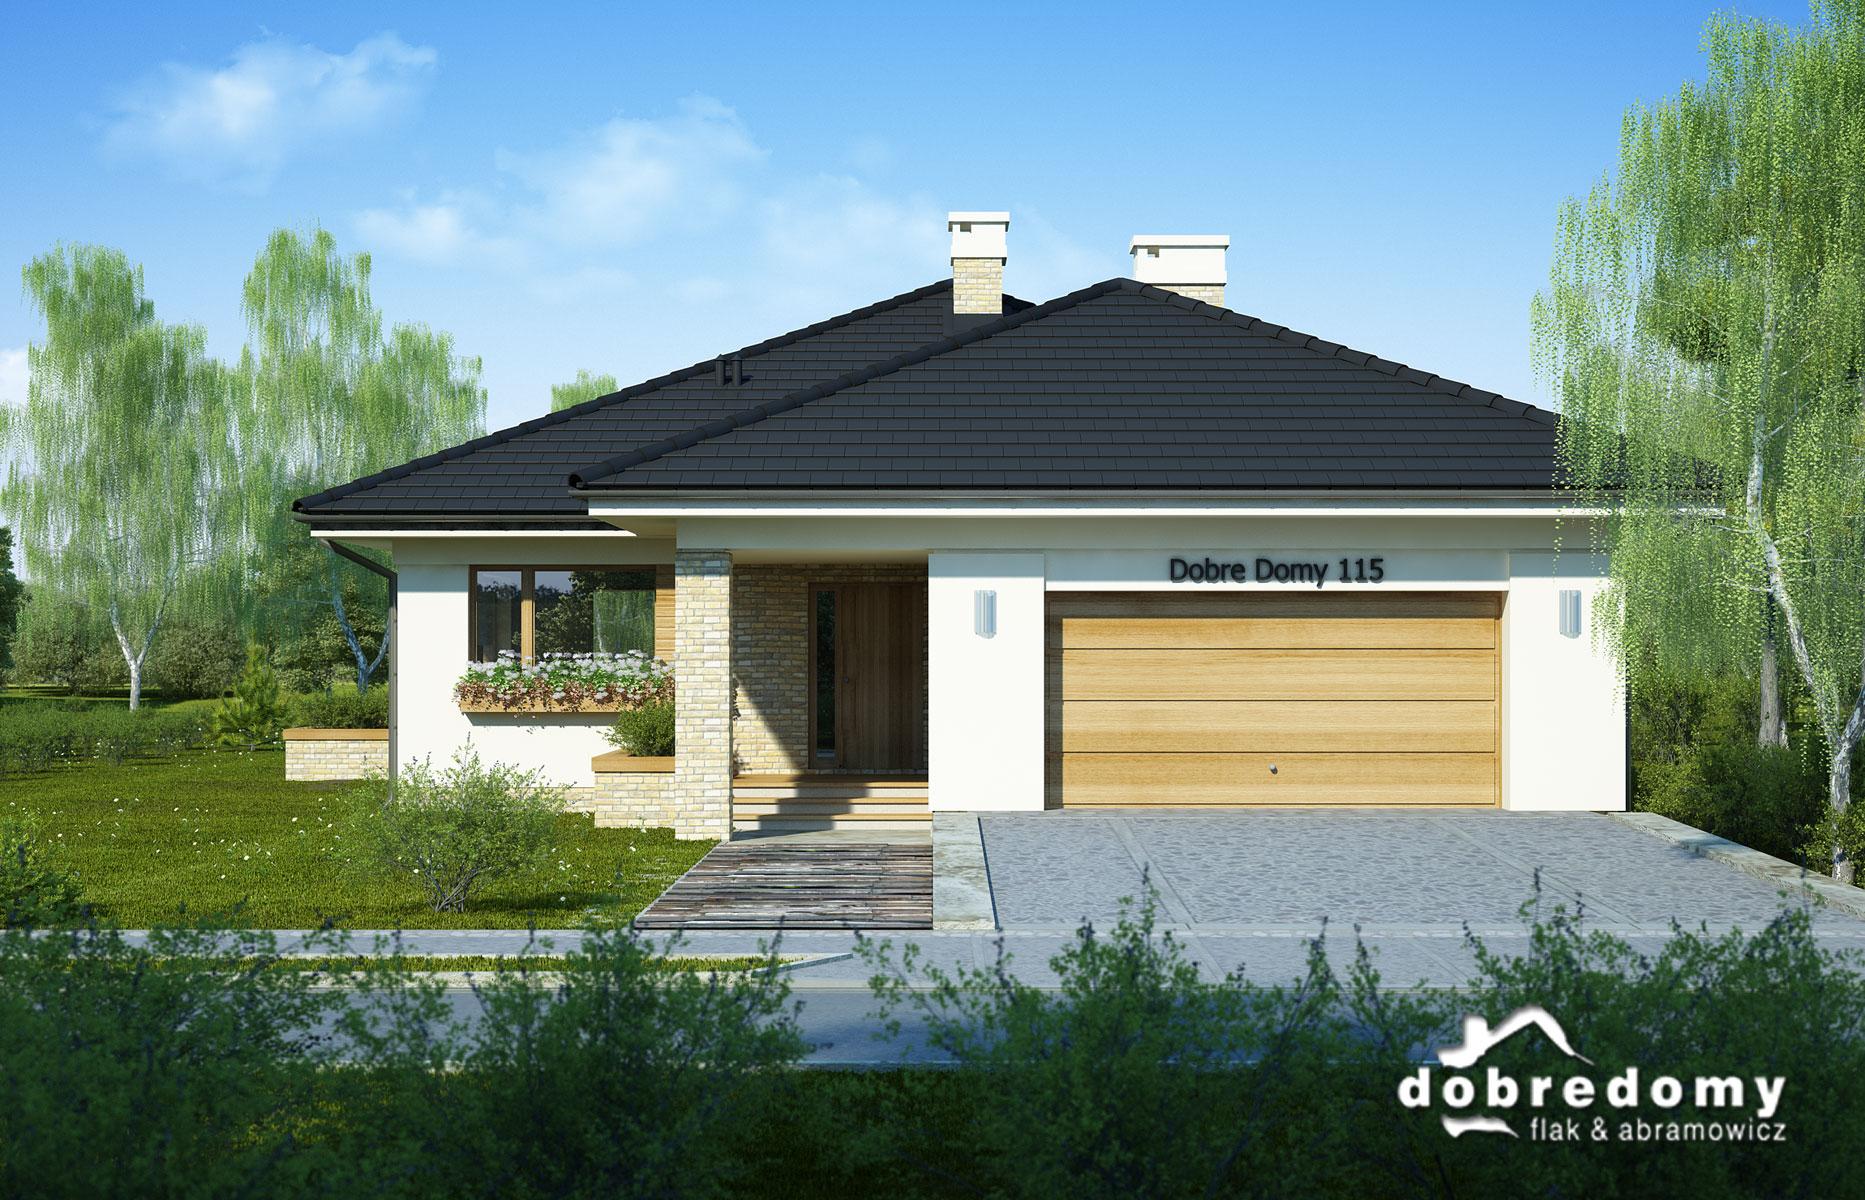 Alternatywa dla tradycyjnej więźby dachowej